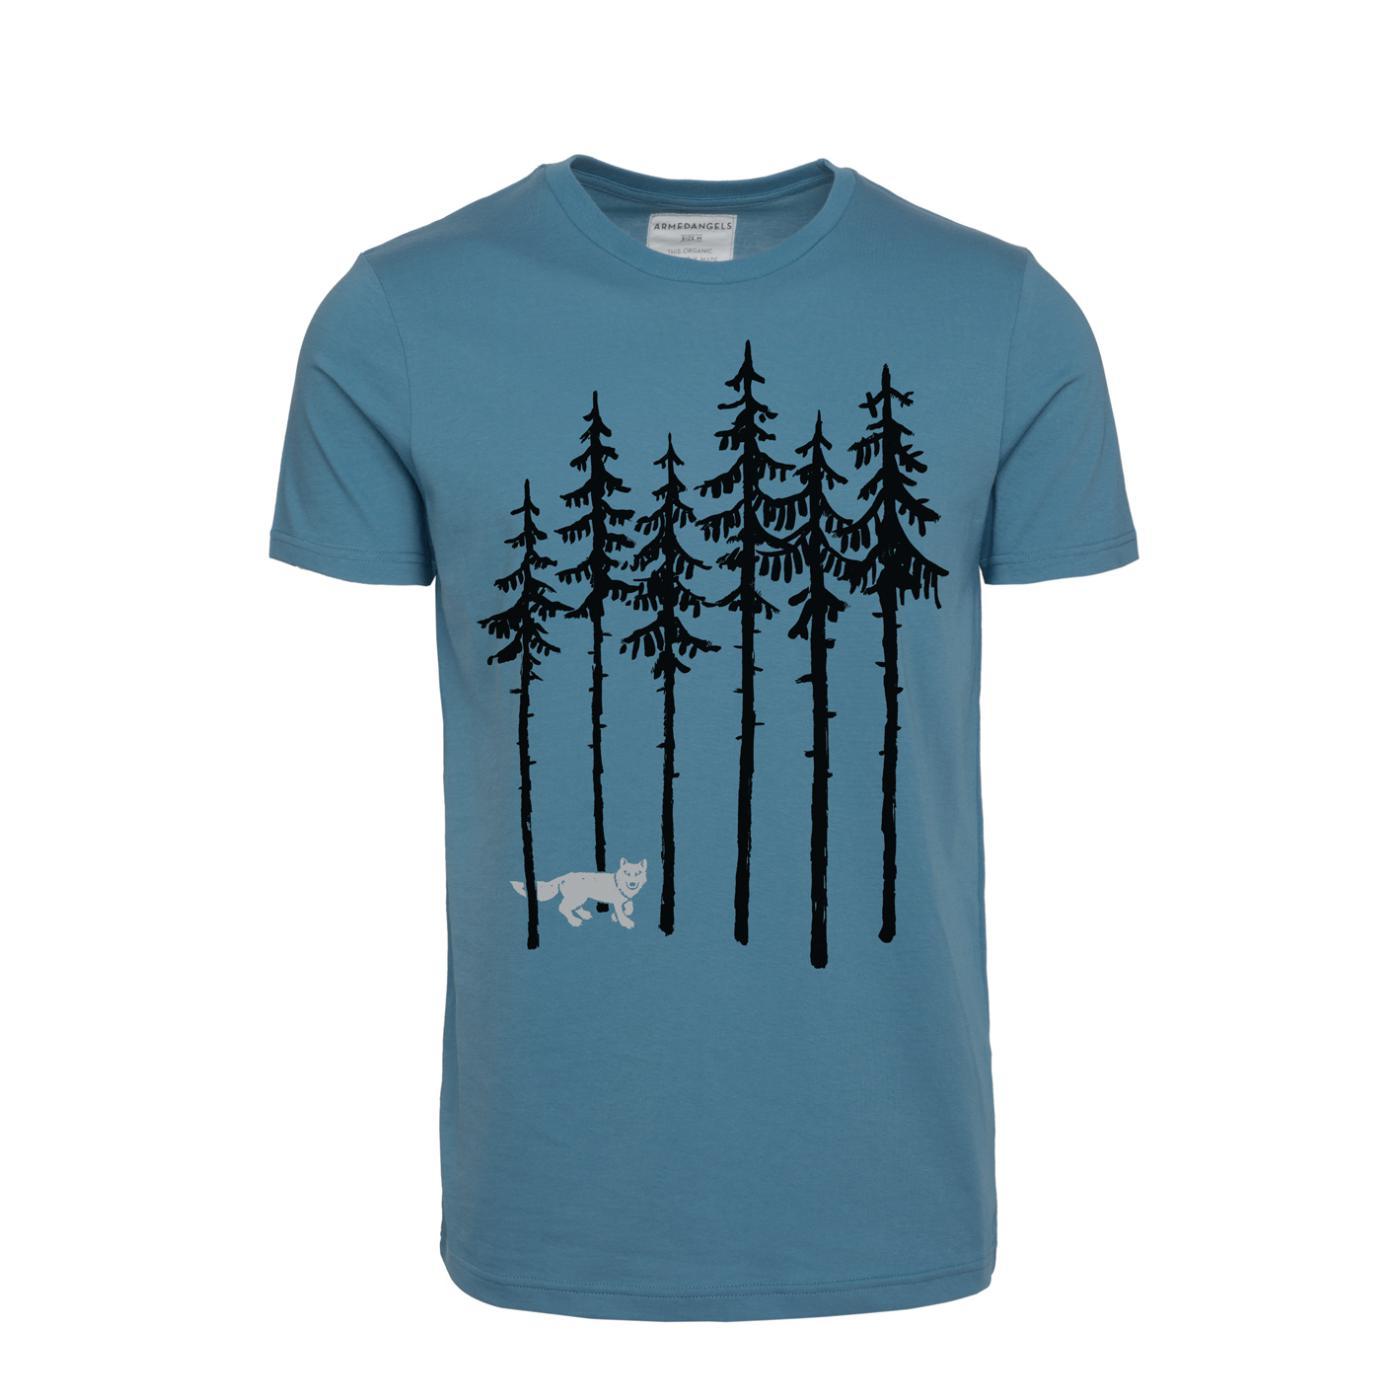 15-11-07-Tshirt07